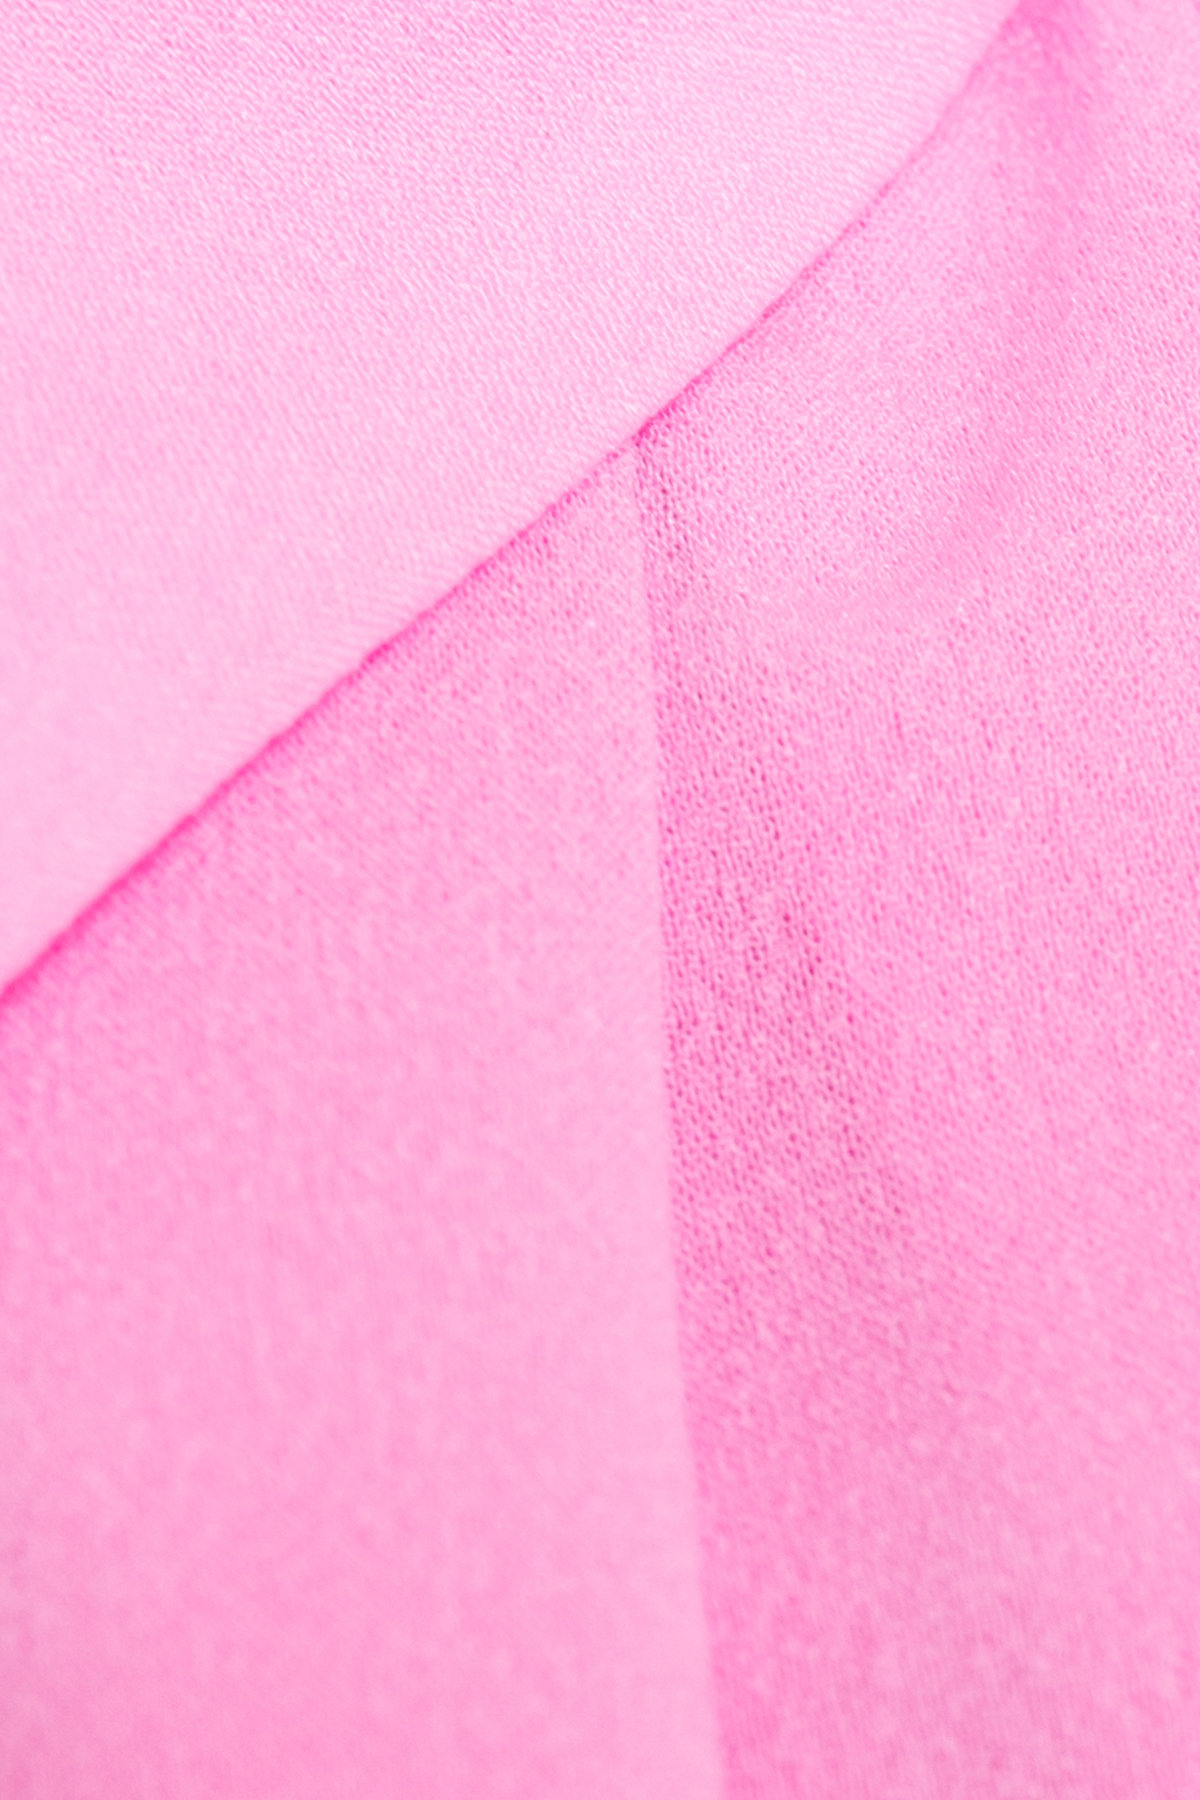 Рубашка Паола 3020 АРТ. 16004 Цвет: Розовый - фото 3, интернет магазин tm-modus.ru